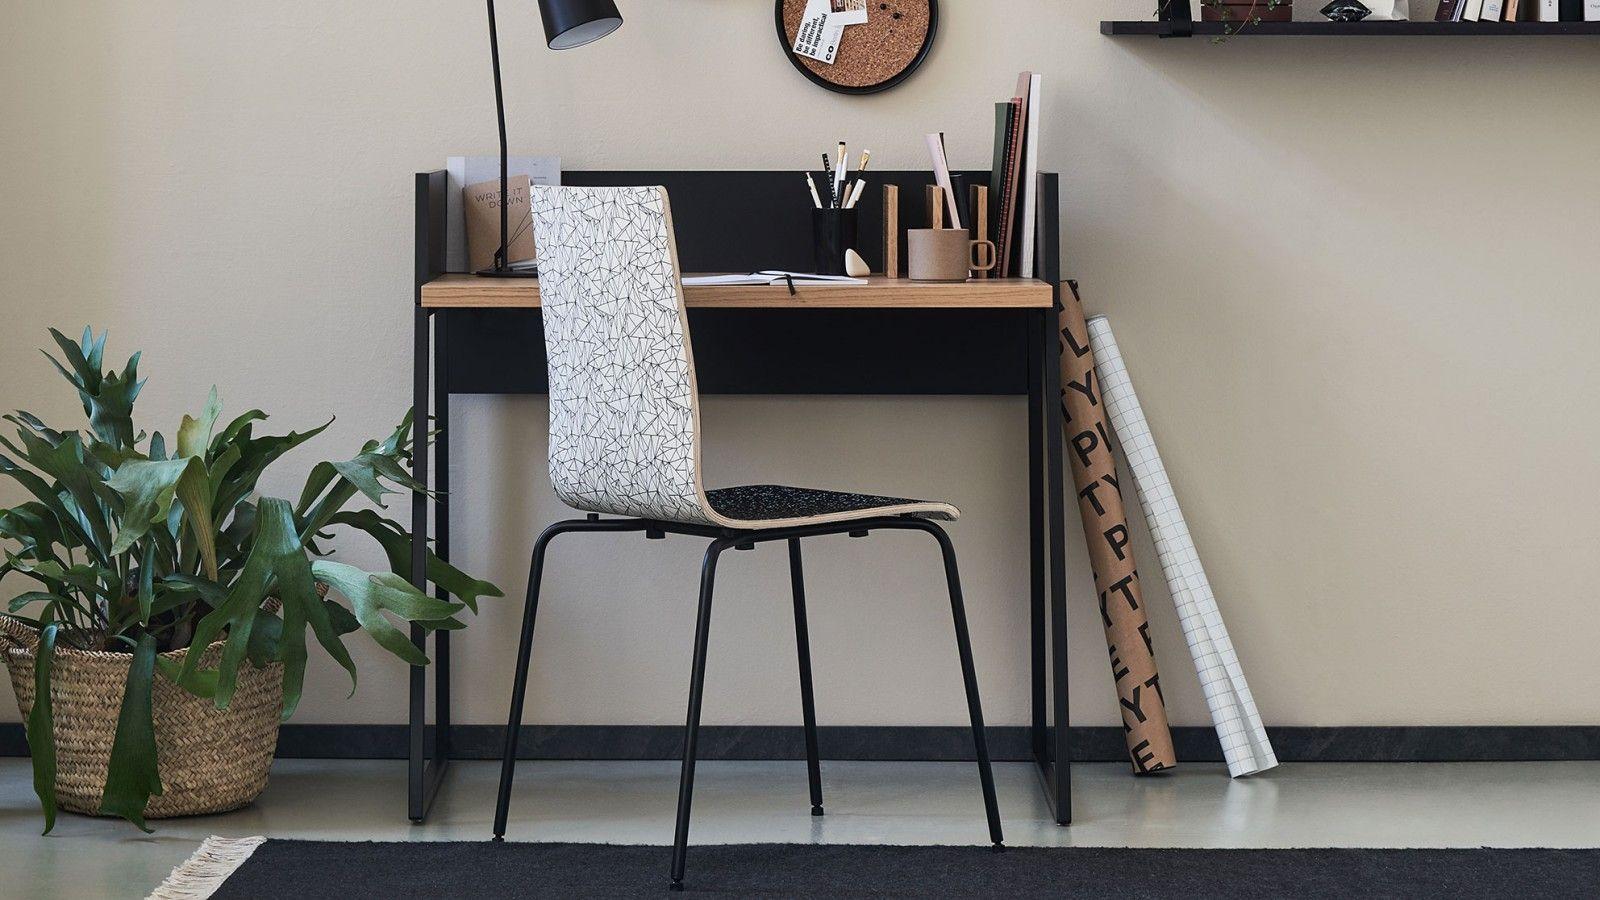 Une chaise affublée de tissu noir et blanc se trouve devant un